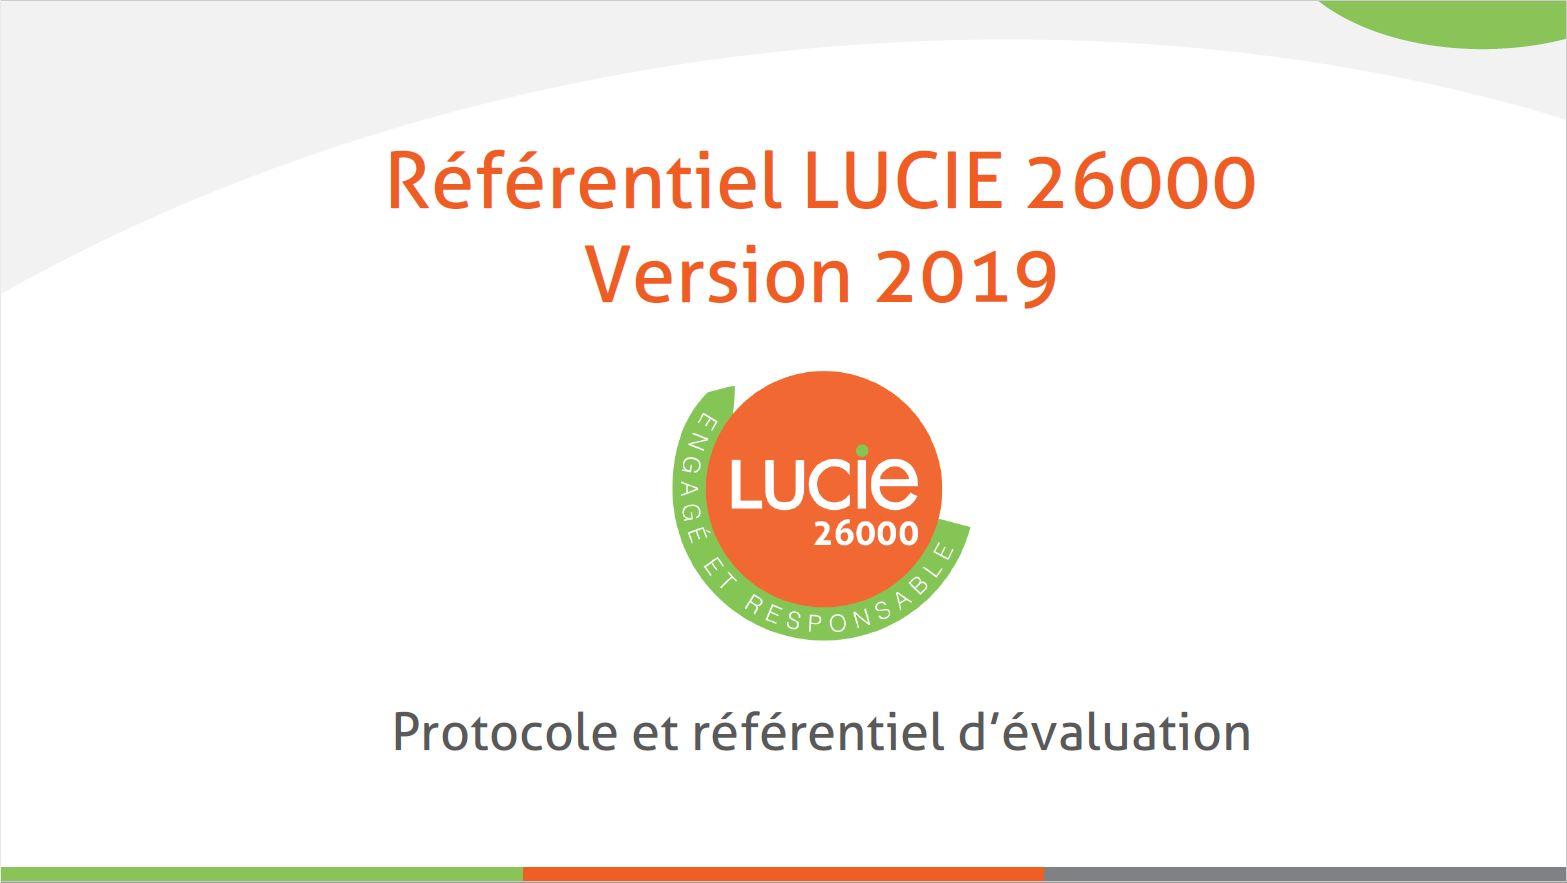 Nouveau référentiel LUCIE 26000 - Page de garde